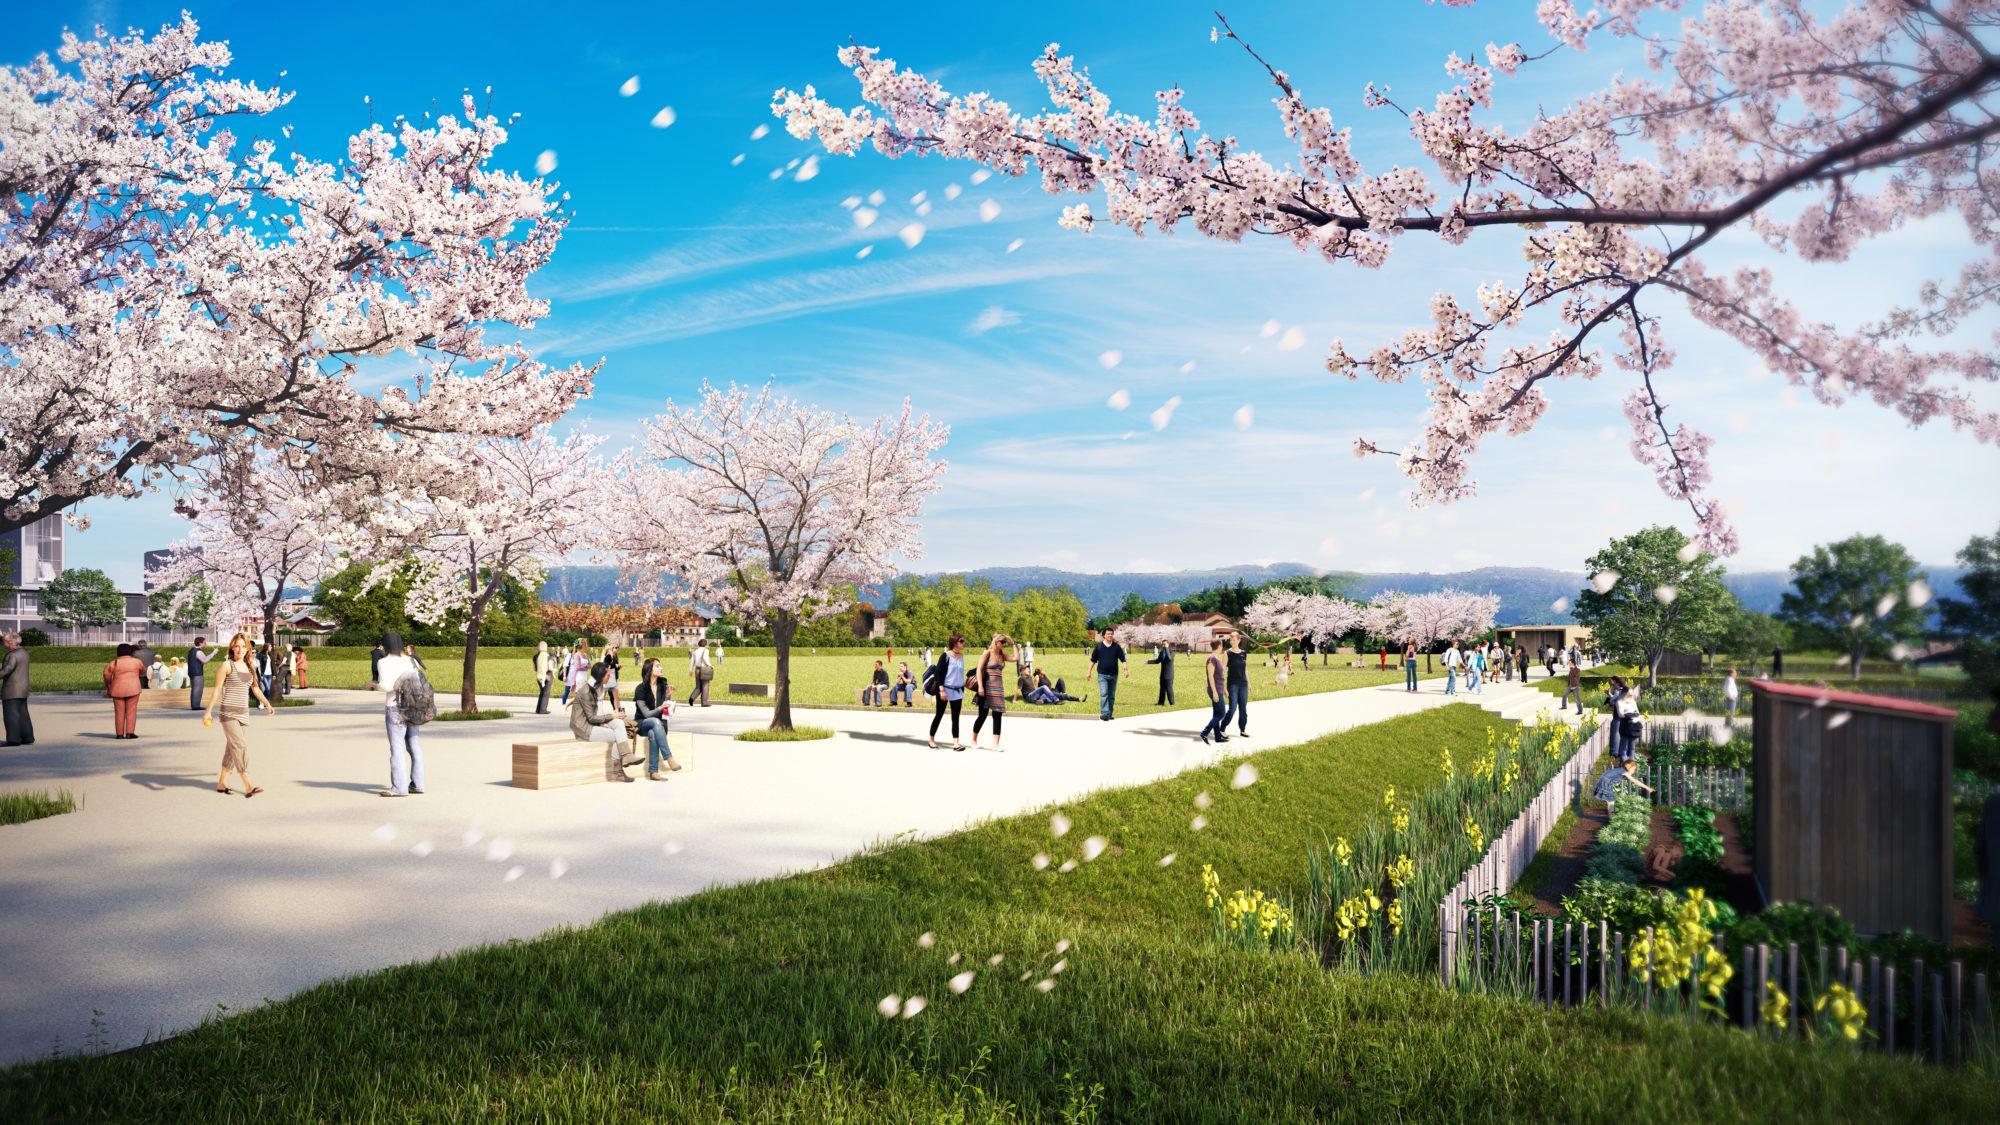 espaces naturels et agricoles, la topographie et le paysage Geneve